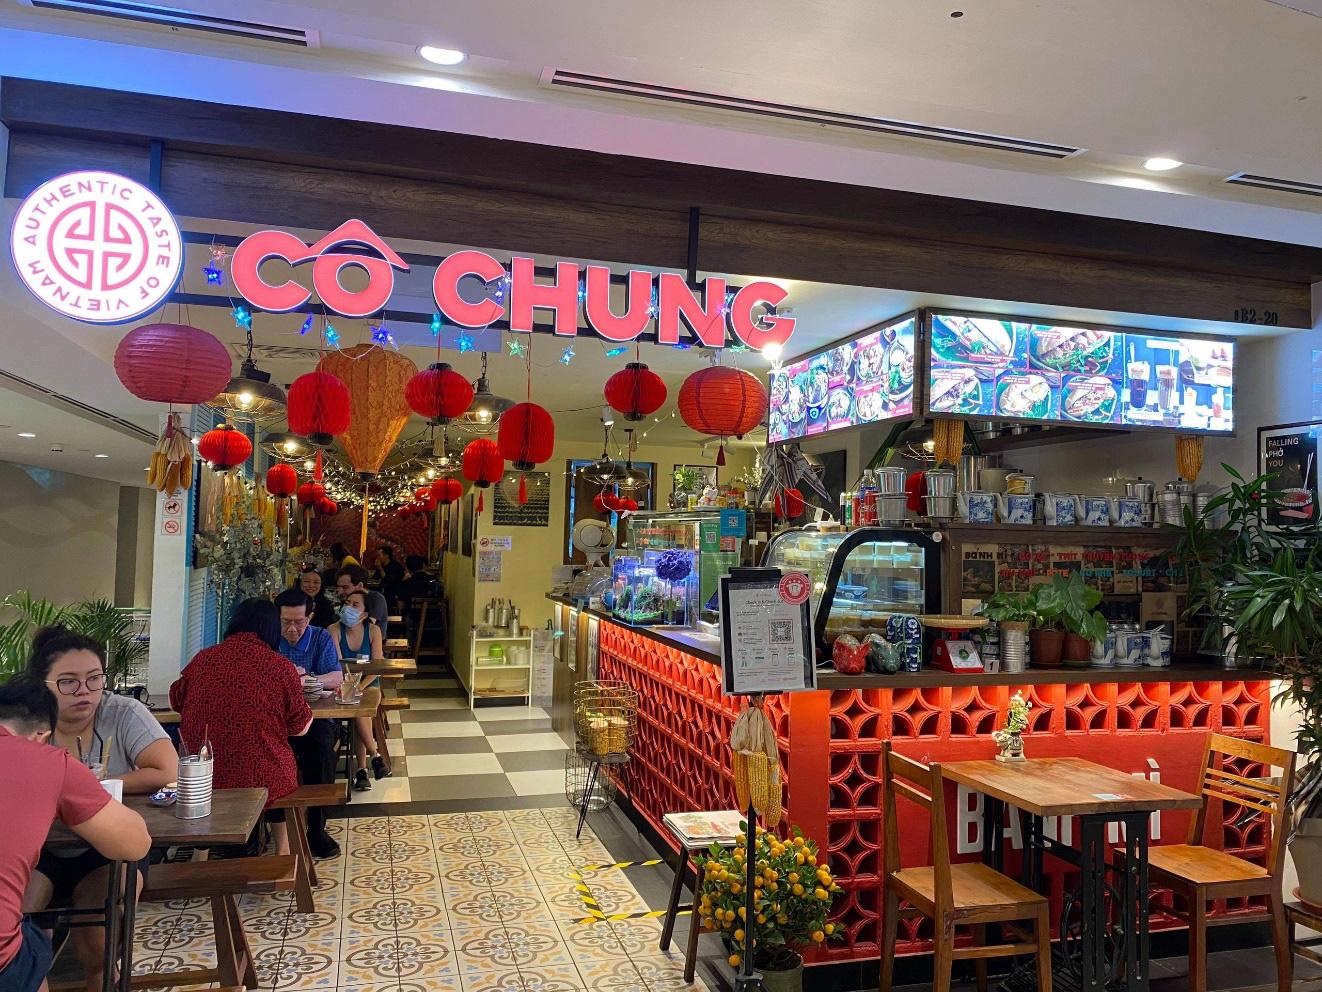 Nhà hàng Cô Chung tại Singapore được báo chí quốc tế khen ngợi - Ảnh 1.